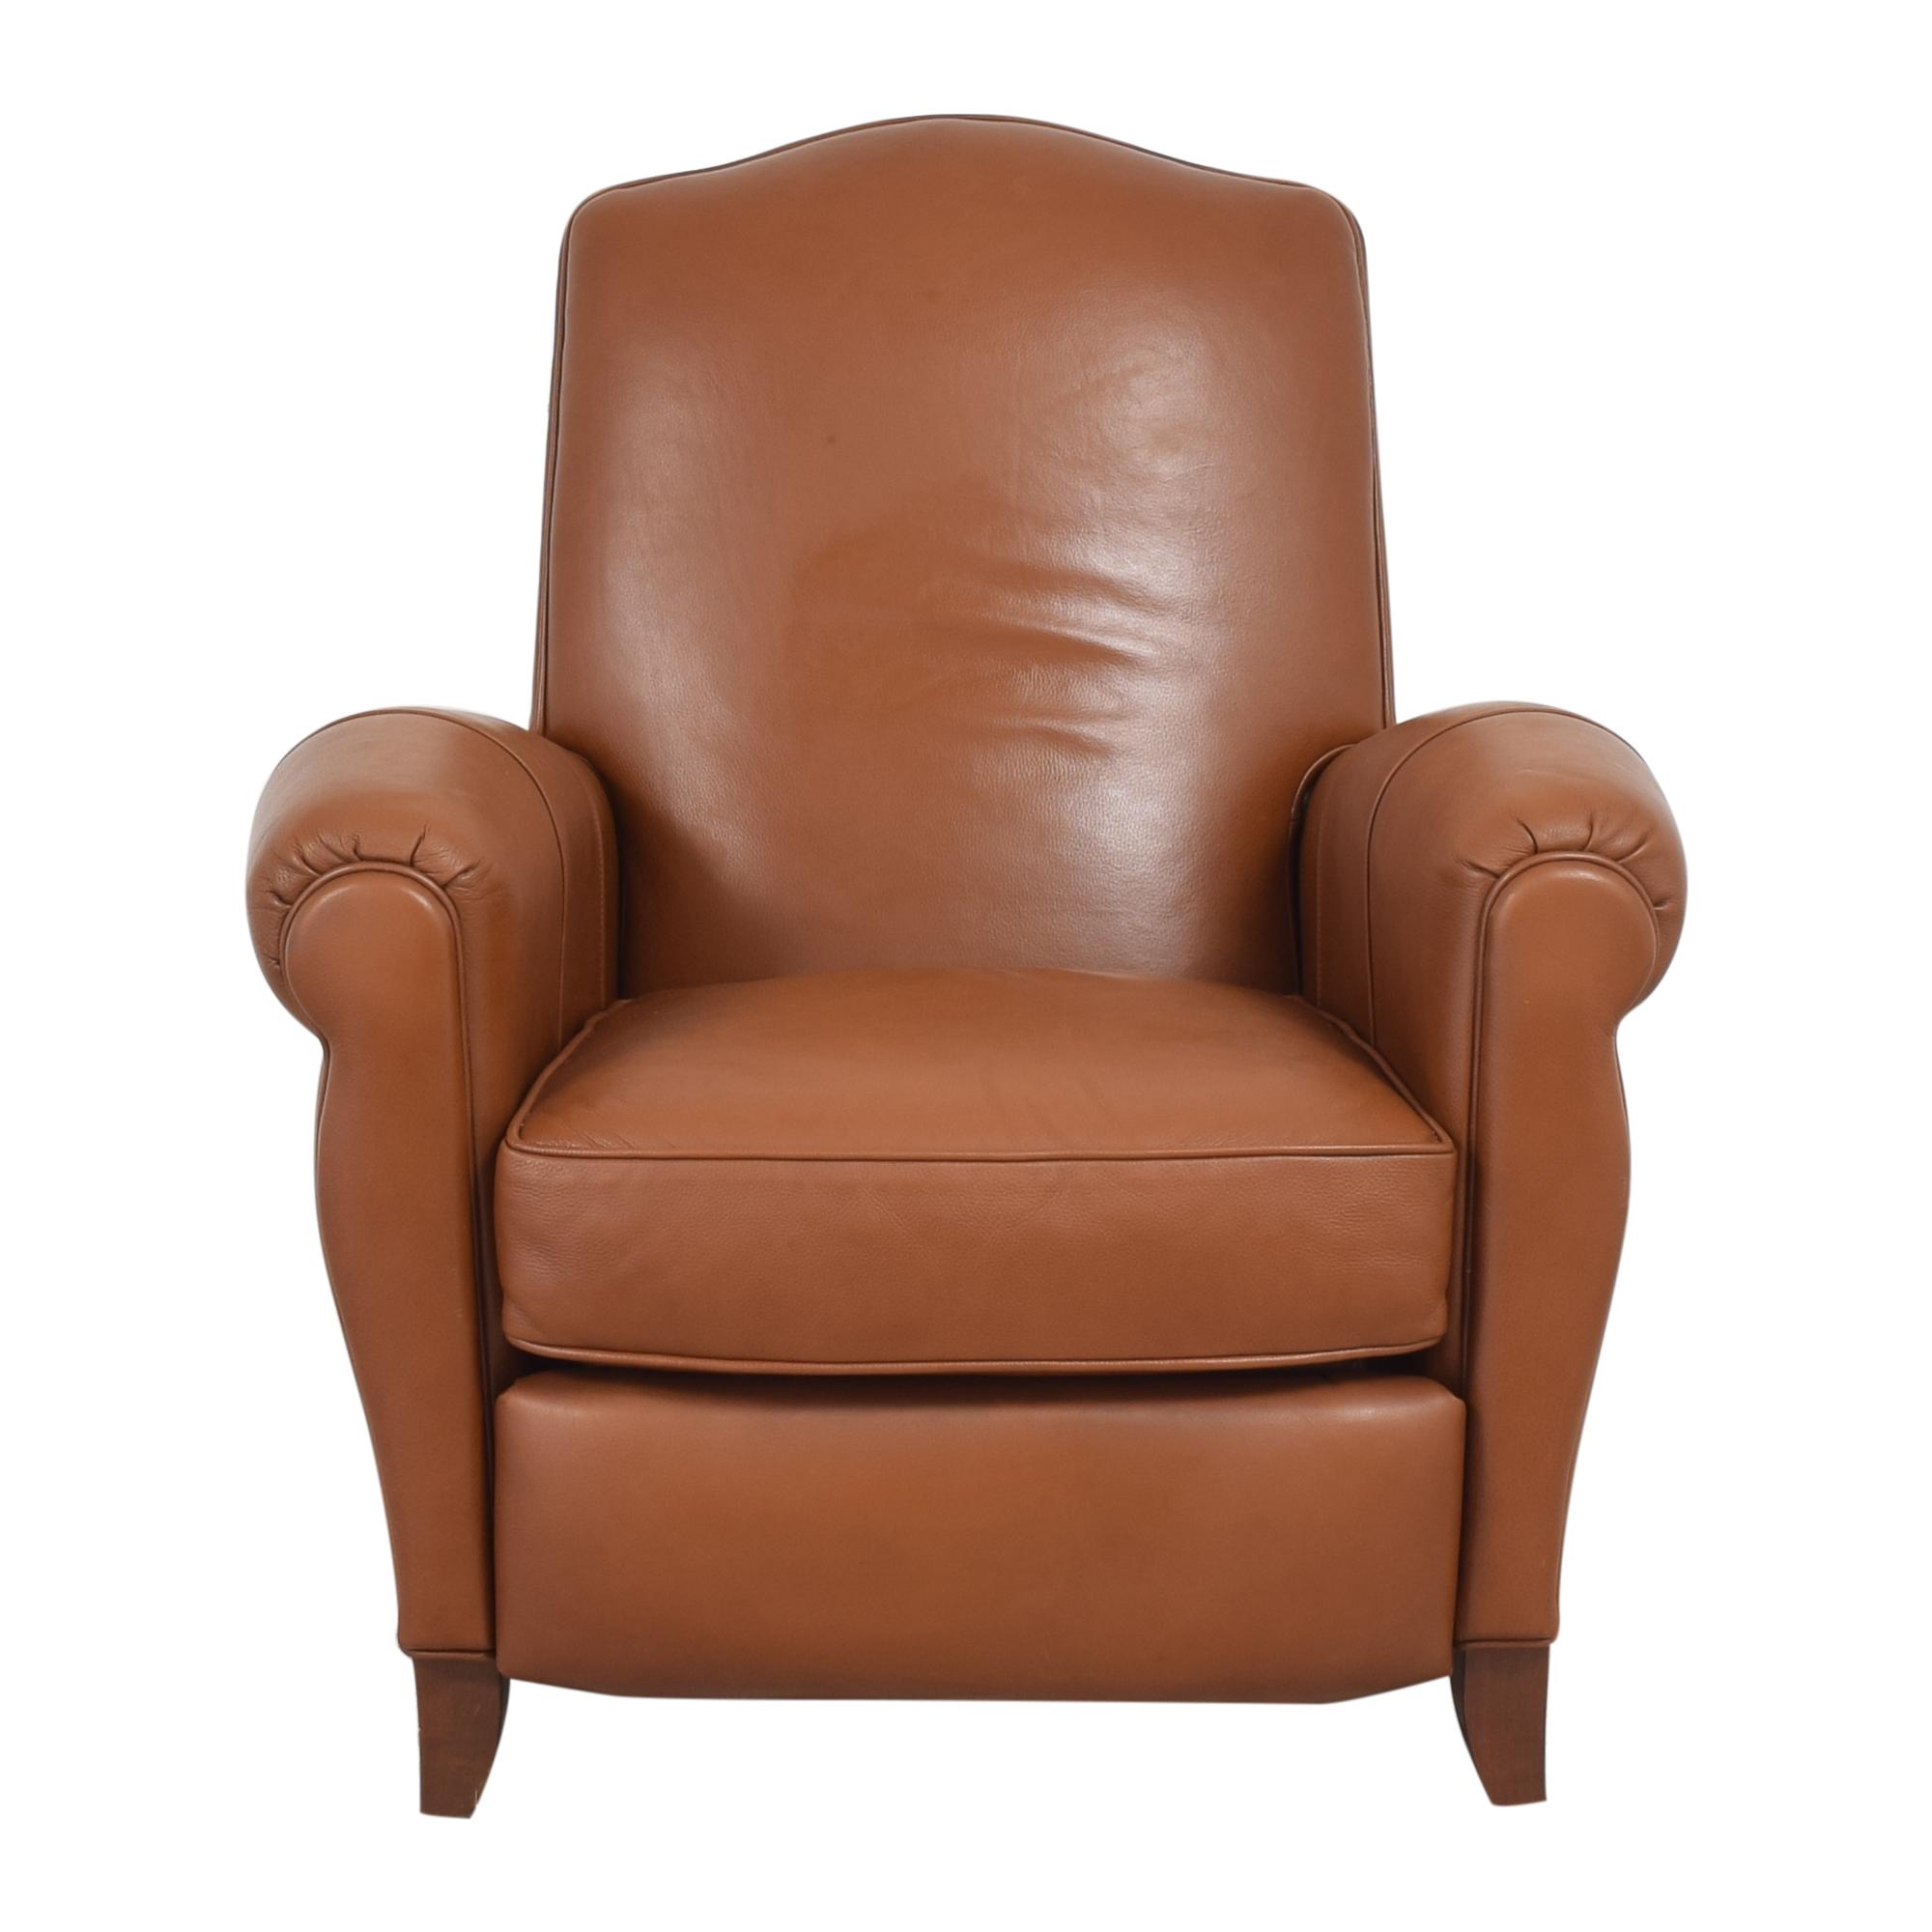 shop Ethan Allen Roll Arm Recliner Ethan Allen Chairs